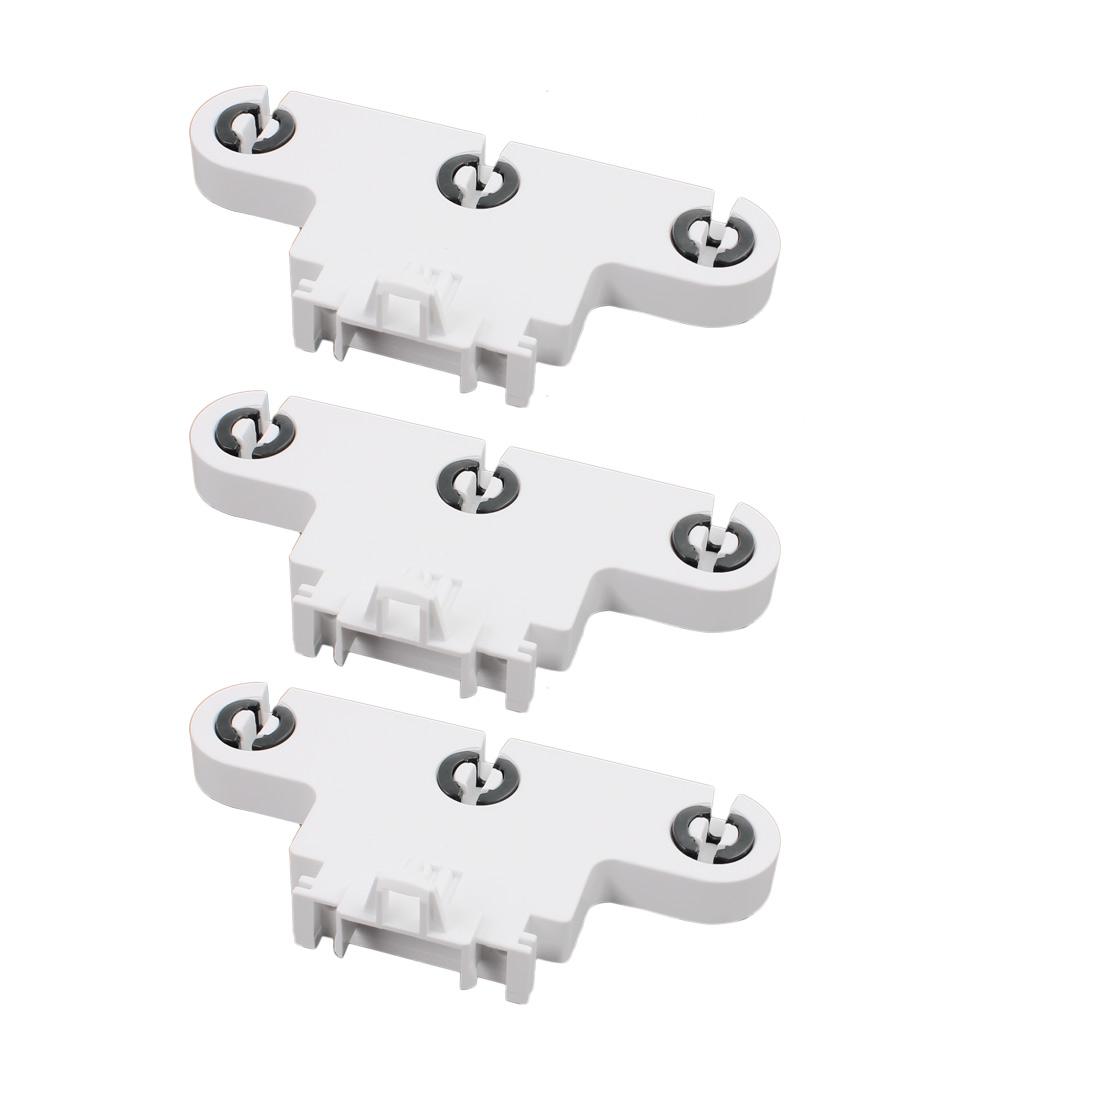 3Pcs AC500V 2A G13-F263W T8 Triple Light Socket G13 Base Fluorescent Lamp Holder